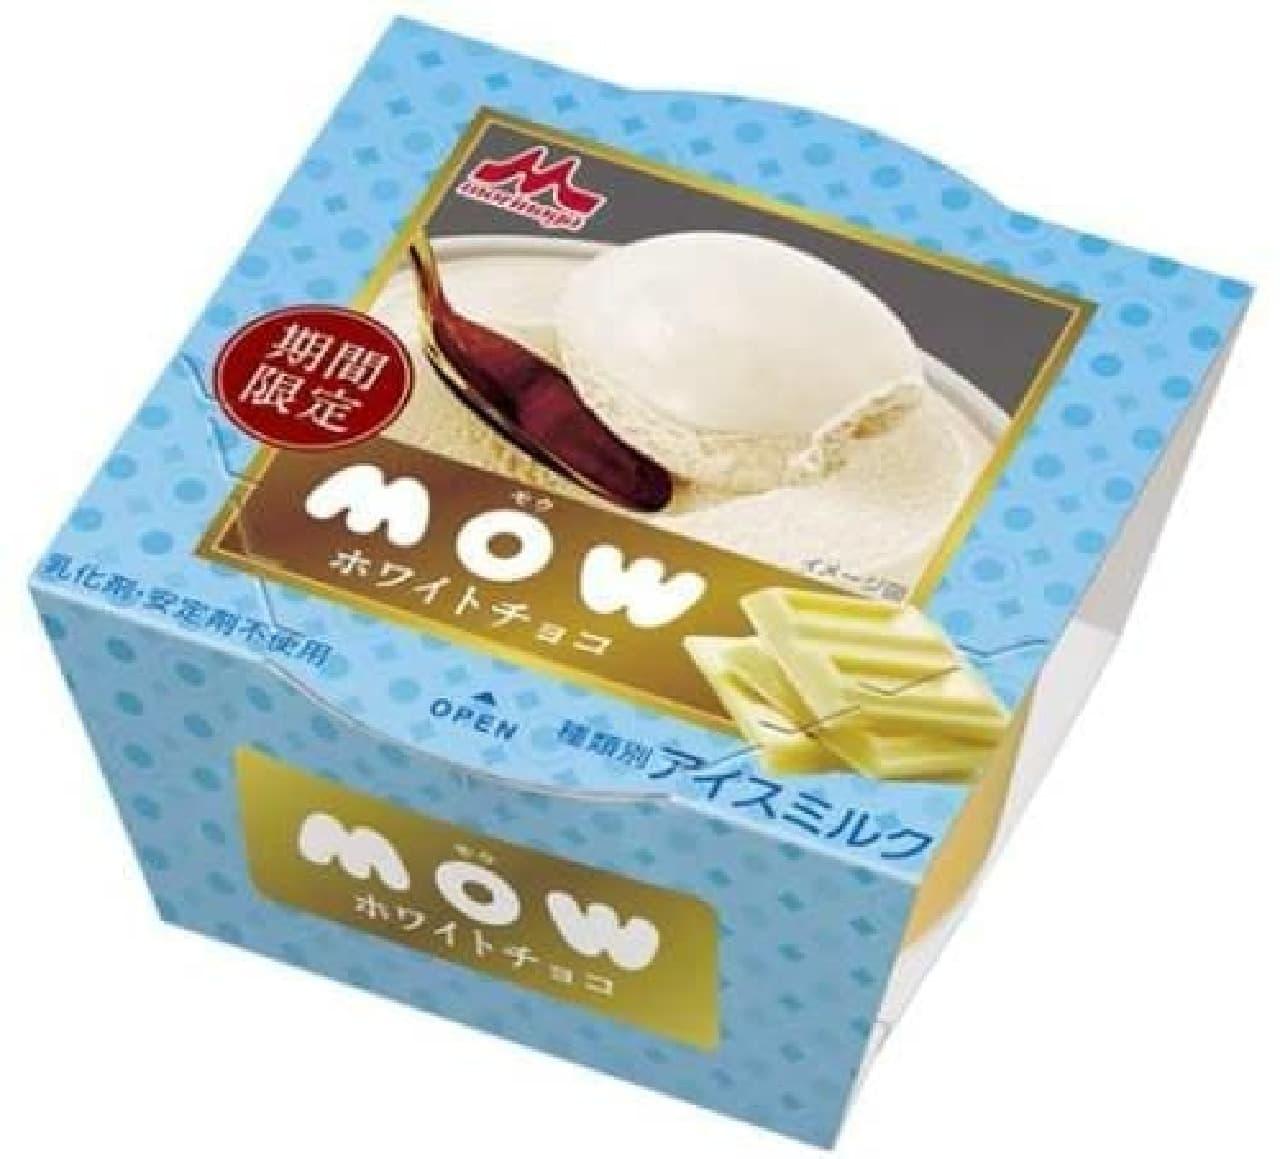 濃厚でコクのある「MOW ホワイトチョコ」